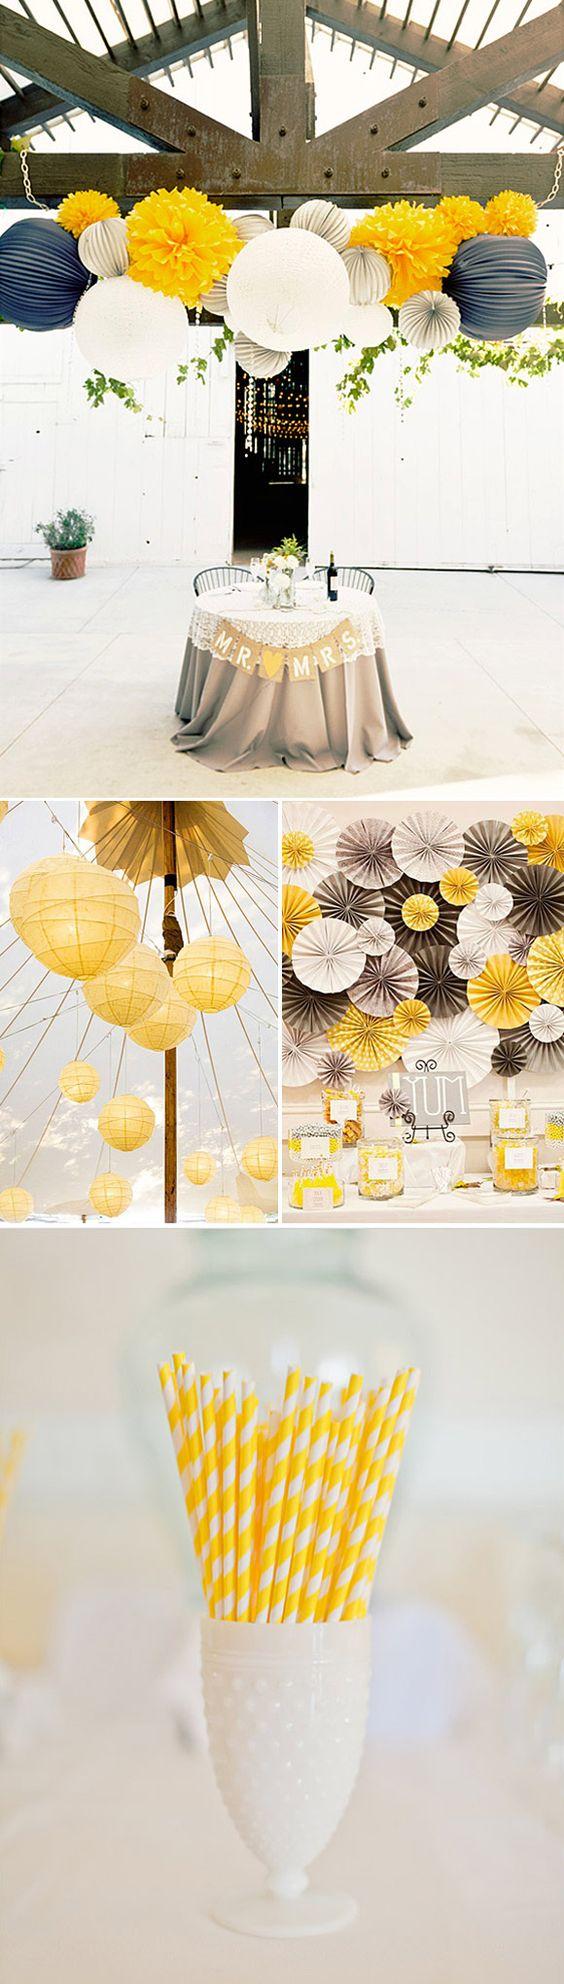 Decoraci n en amarillo de bodas y fiestas wedding decor - Decoracion en amarillo ...